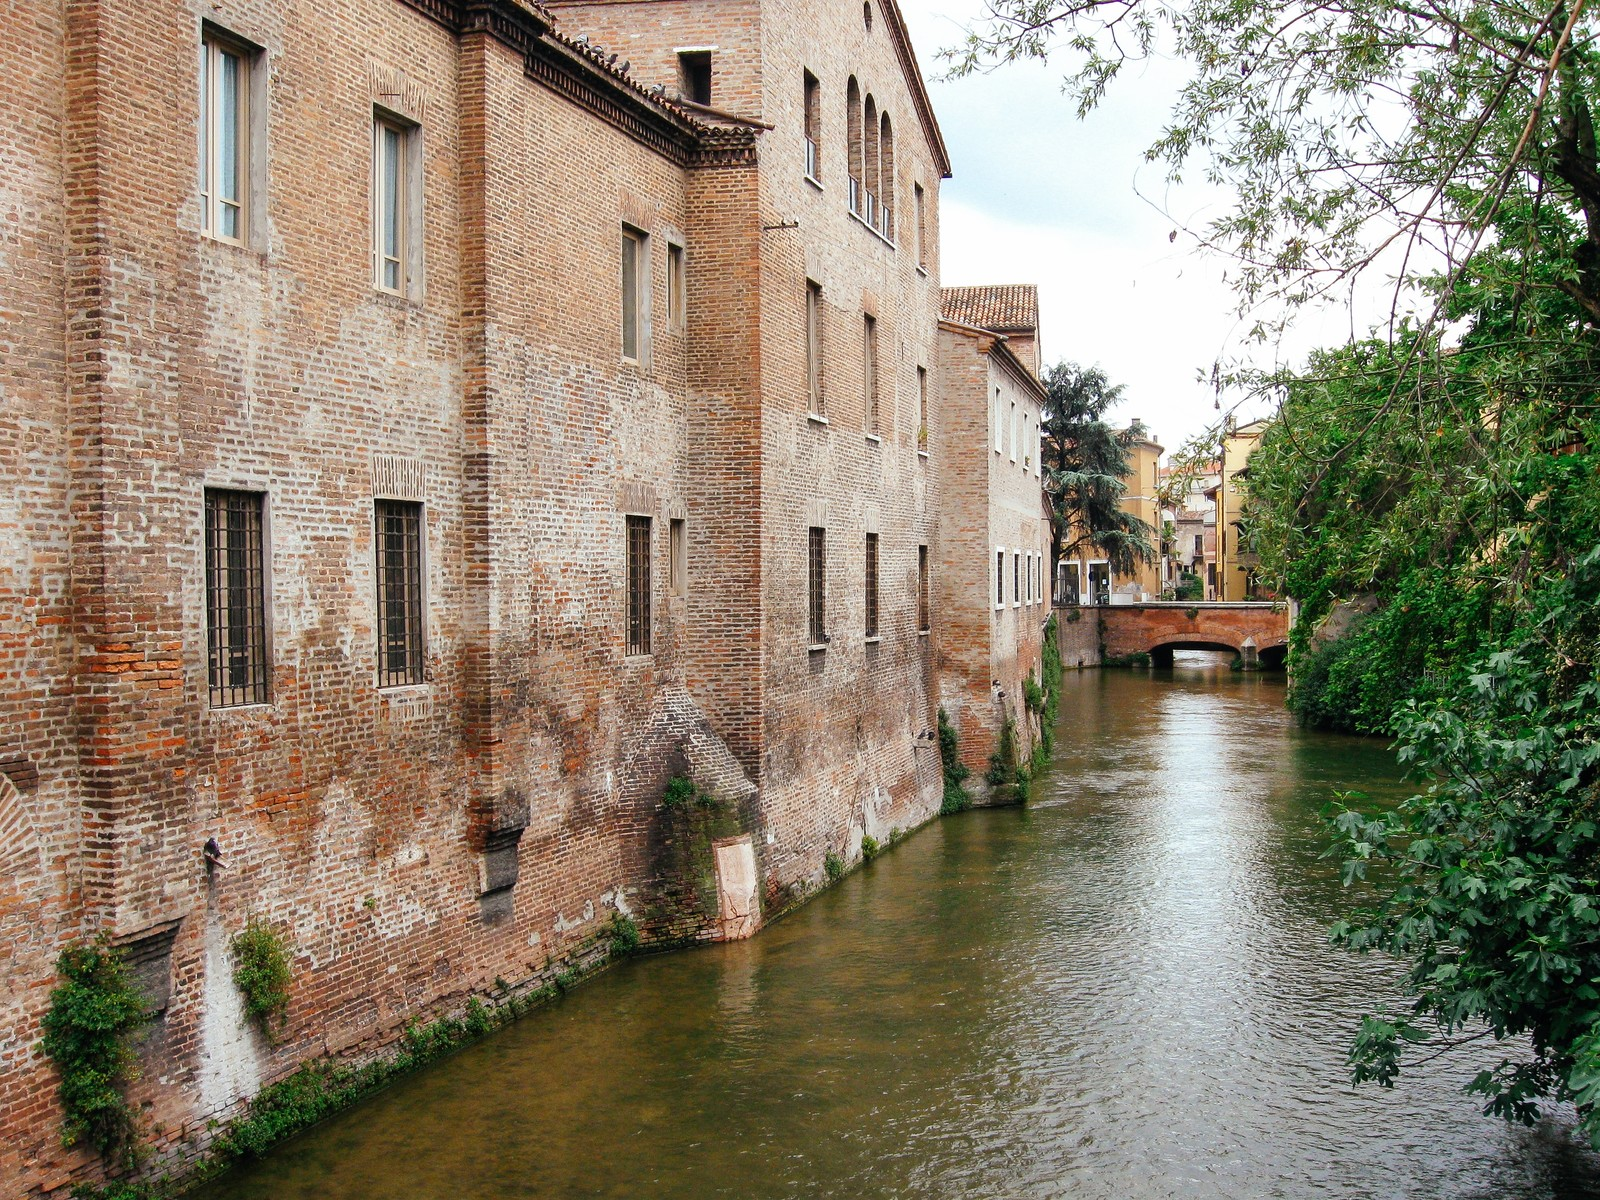 「マントヴァの水路沿いに立ち並ぶ建造物(イタリア)」の写真